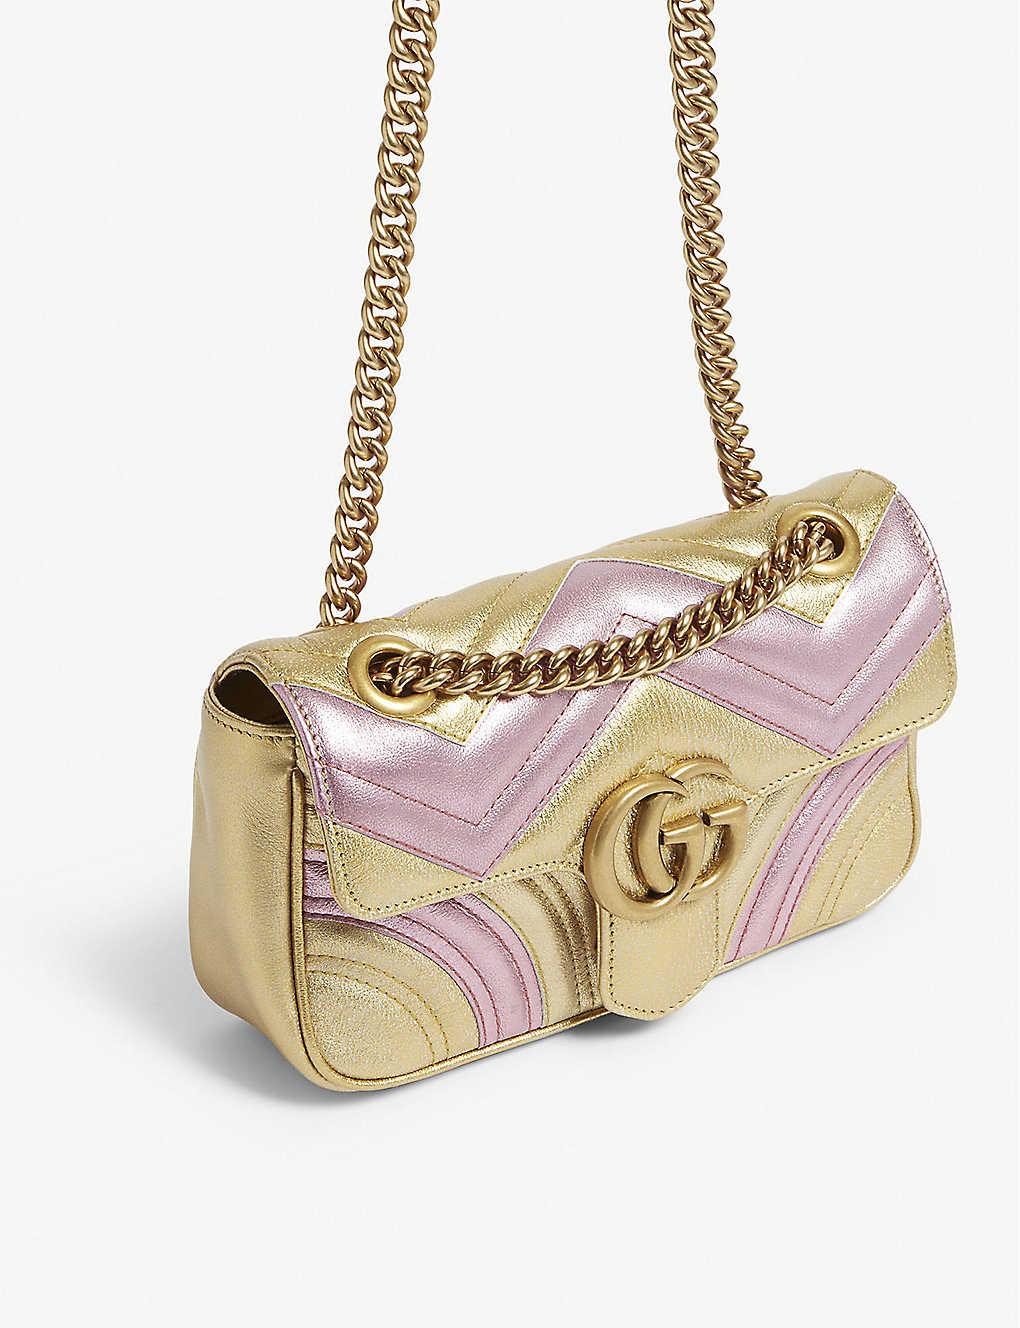 db6ff002ef4 ... Metallic Marmont shoulder bag - Gold pink zoom